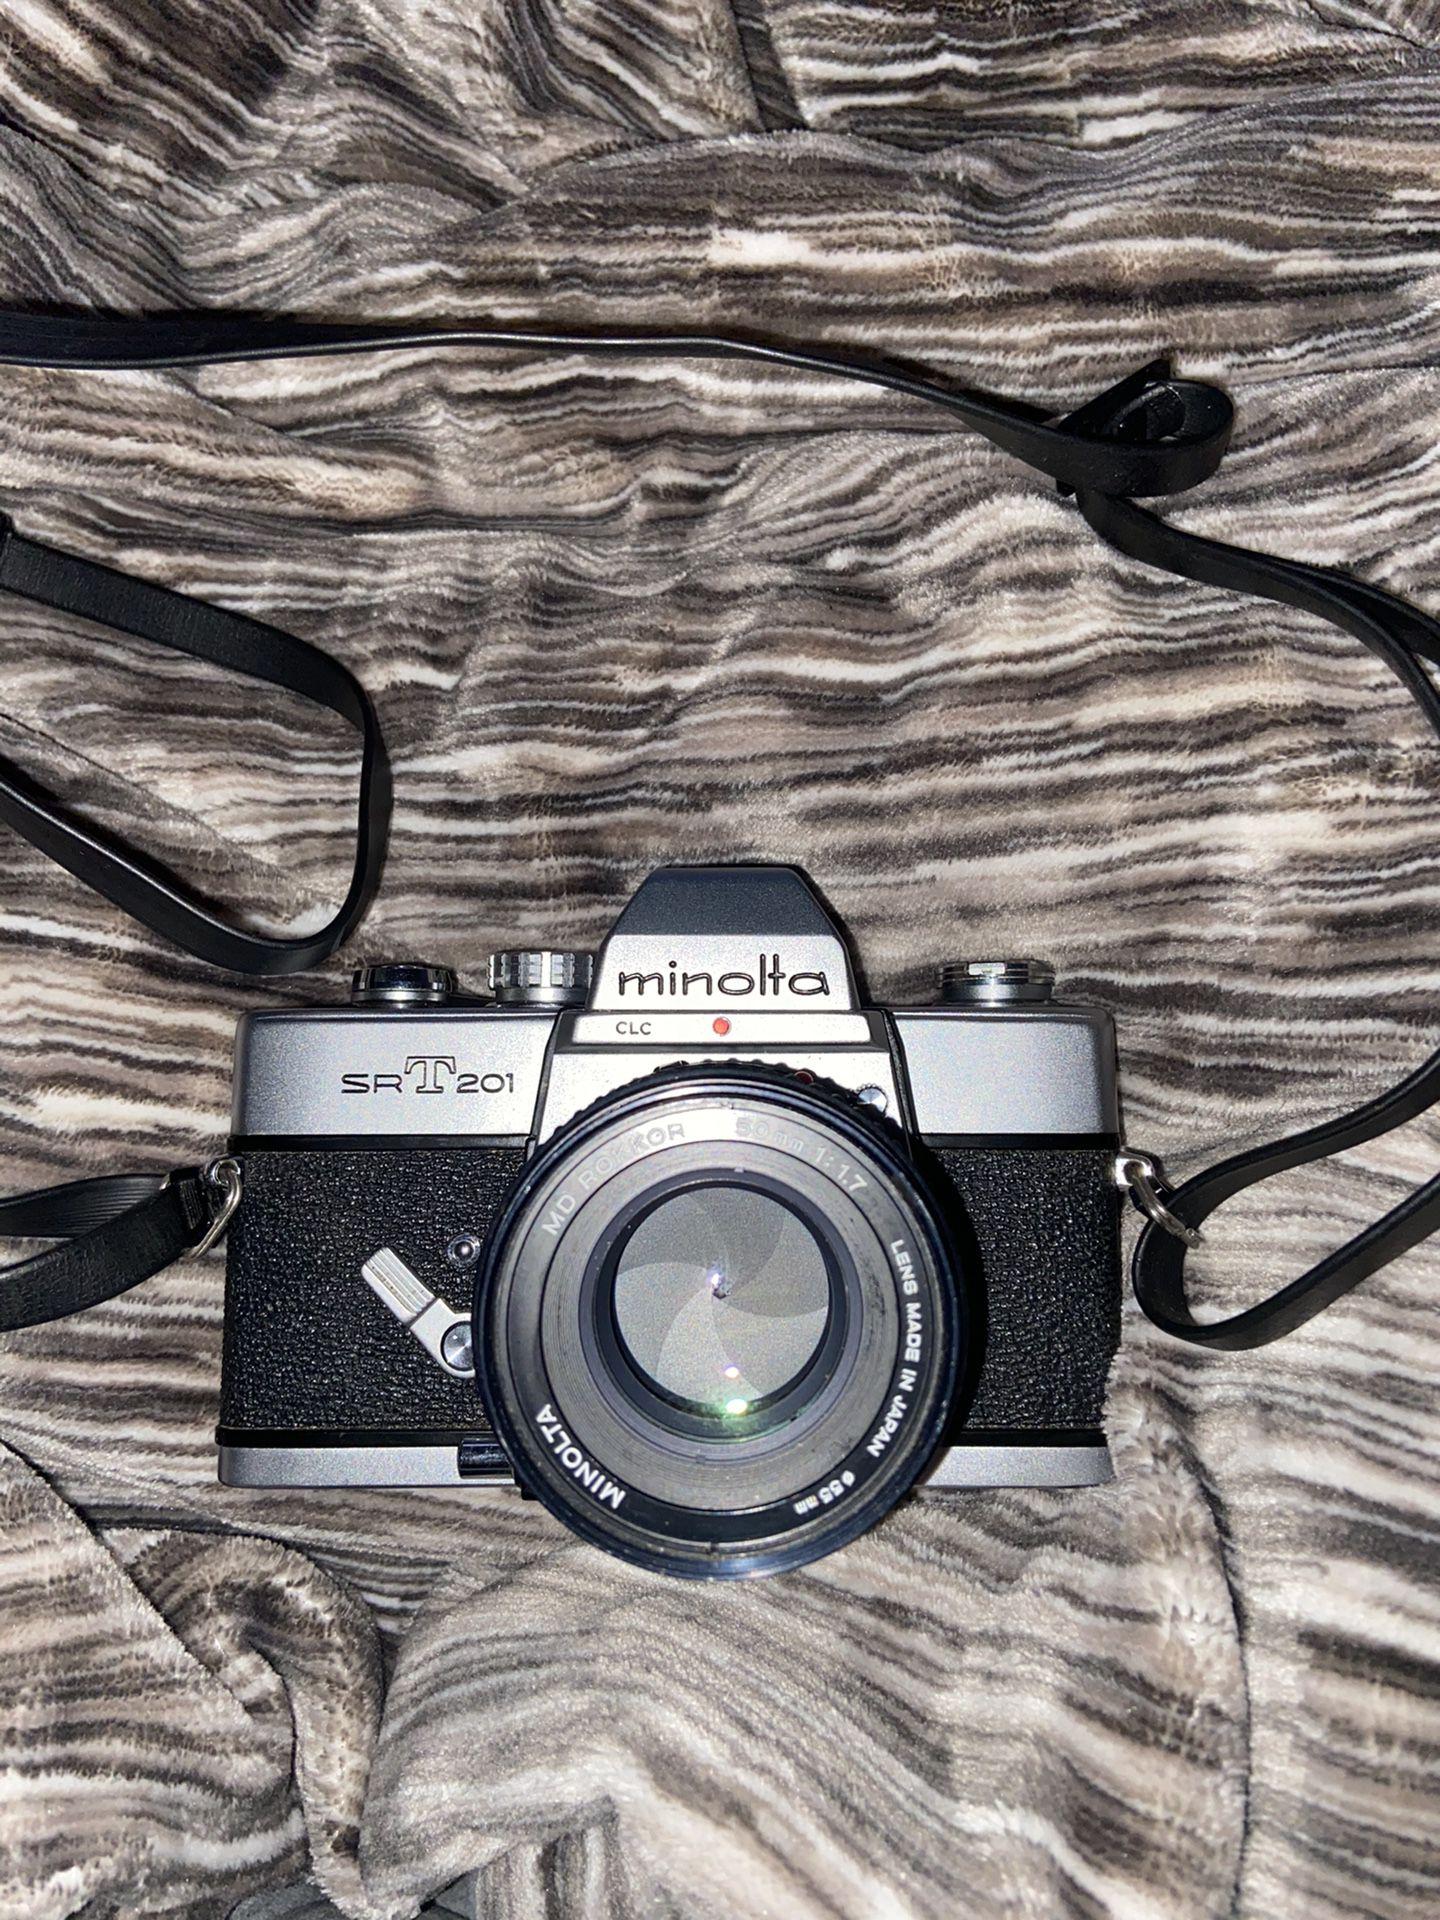 Minolta SRT201 Film Camera